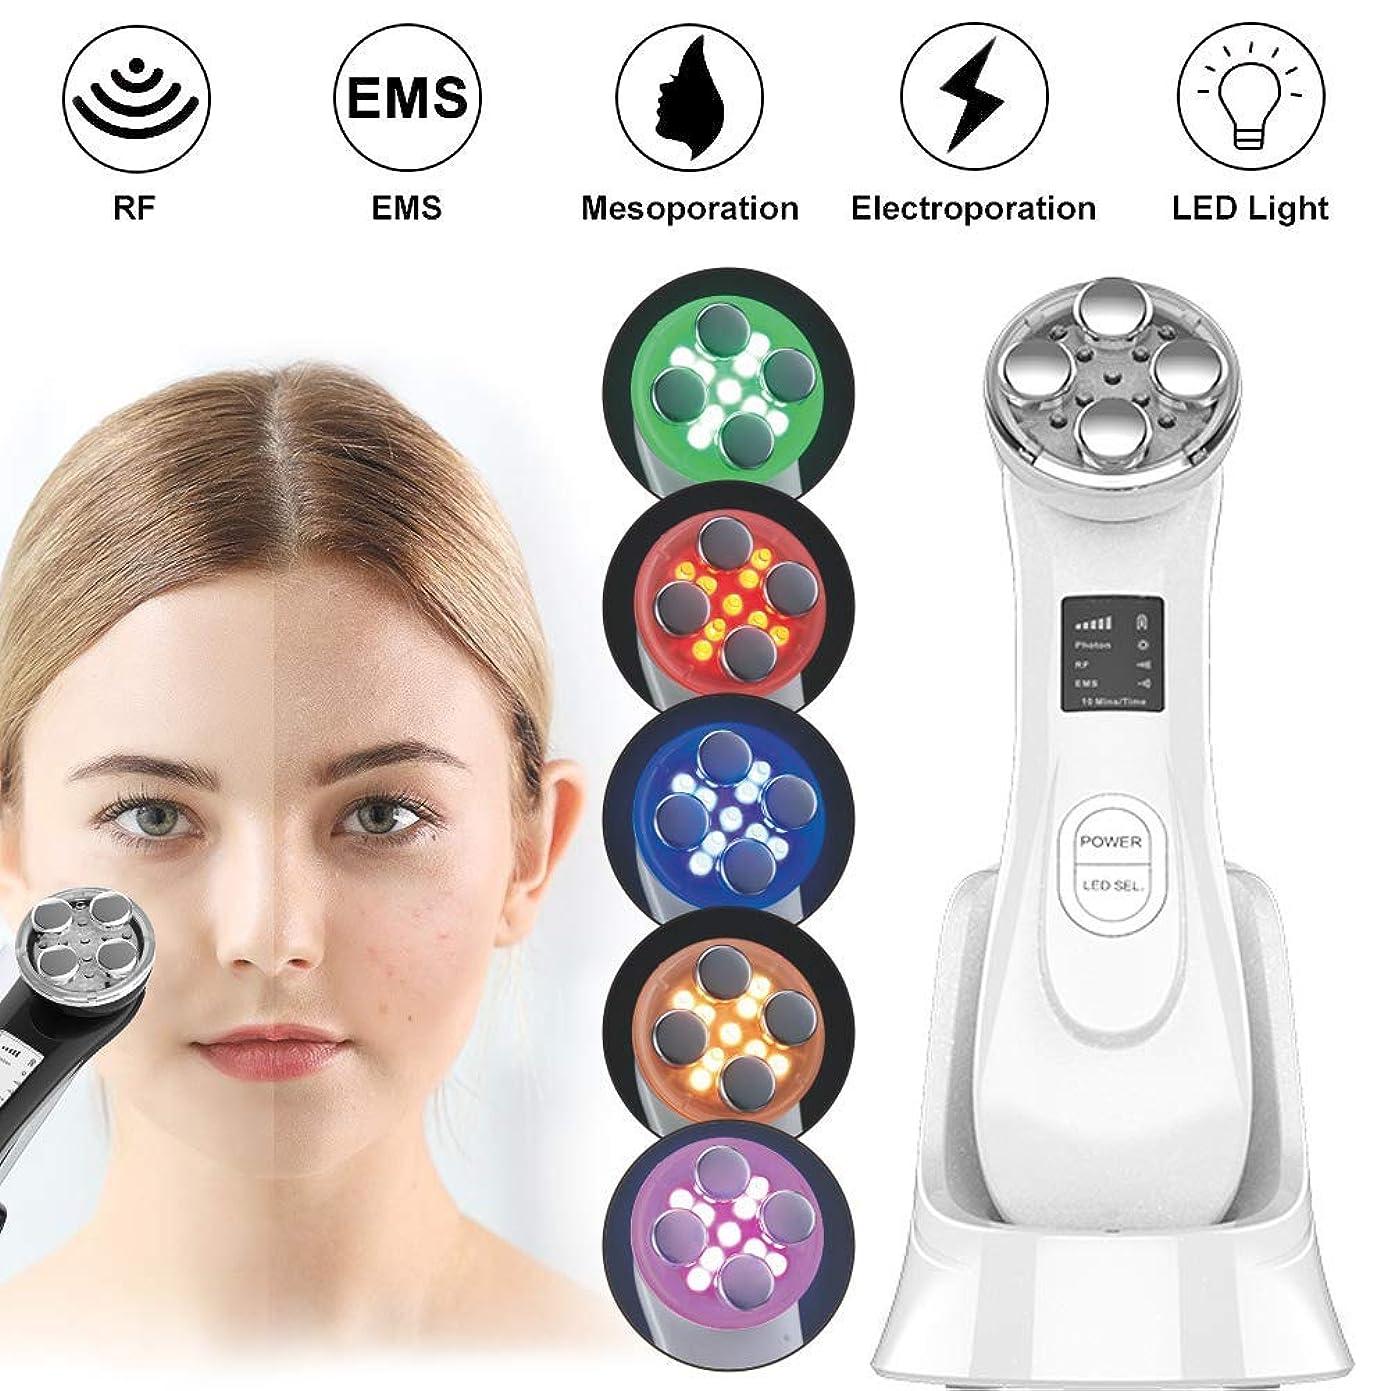 ドック永久熟達美容機器、フェイシャルマシン、5-in-1赤色LED光線療法および6モードフェイシャルマッサージスキンケアフェイシャルクレンザーアンチエイジングシワ